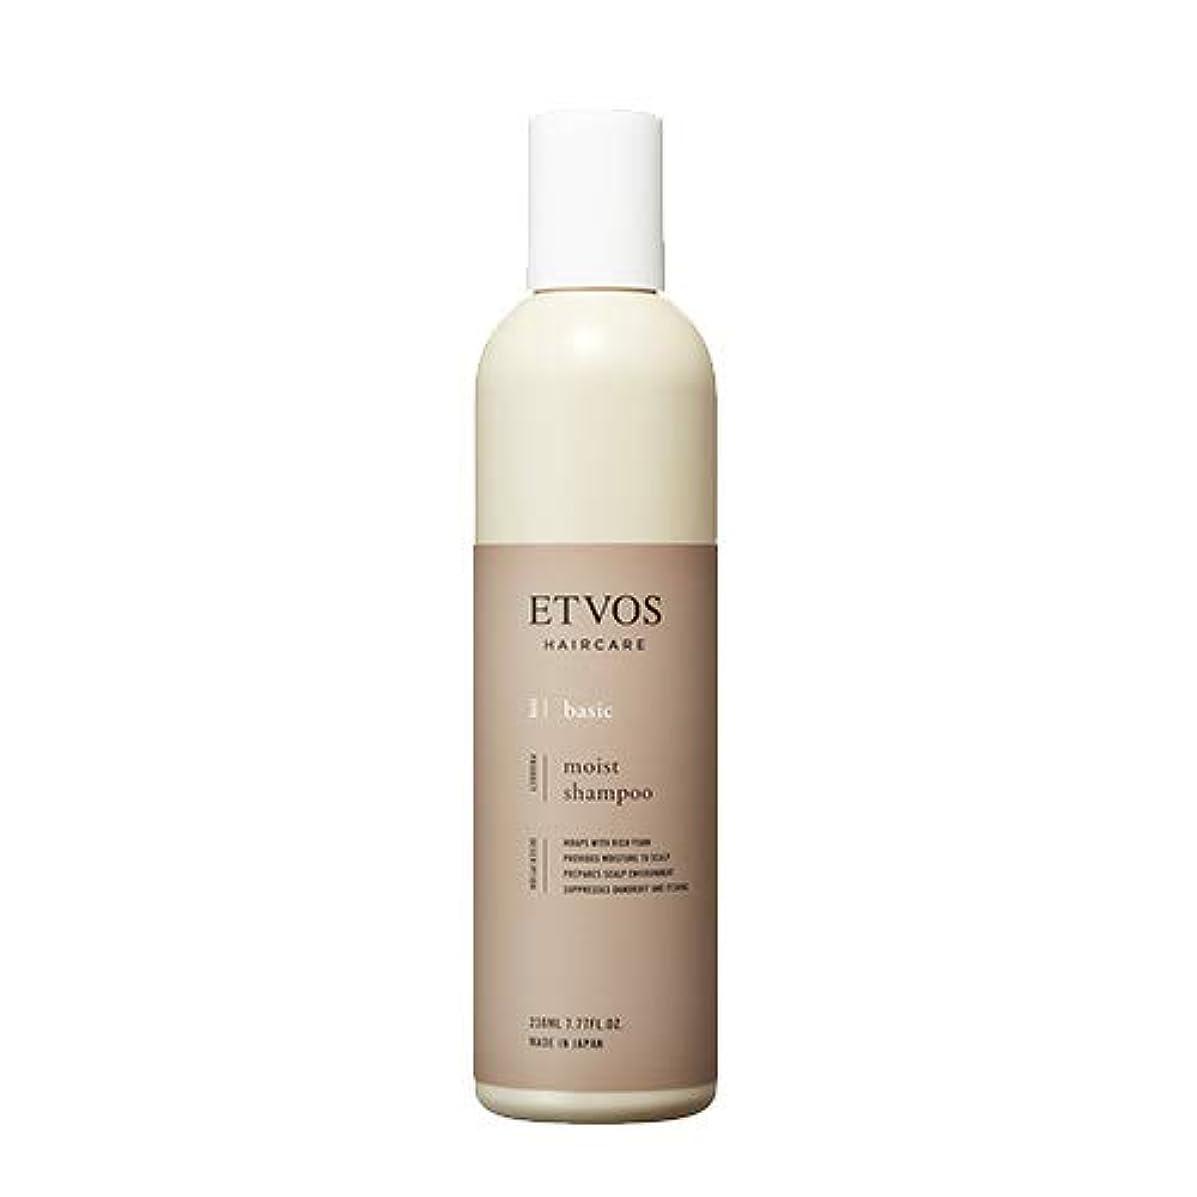 紀元前ガス補助ETVOS(エトヴォス) モイストシャンプー 230ml ノンシリコン/アミノ酸系/弱酸性/保湿 乾燥/フケ/かゆみ対策